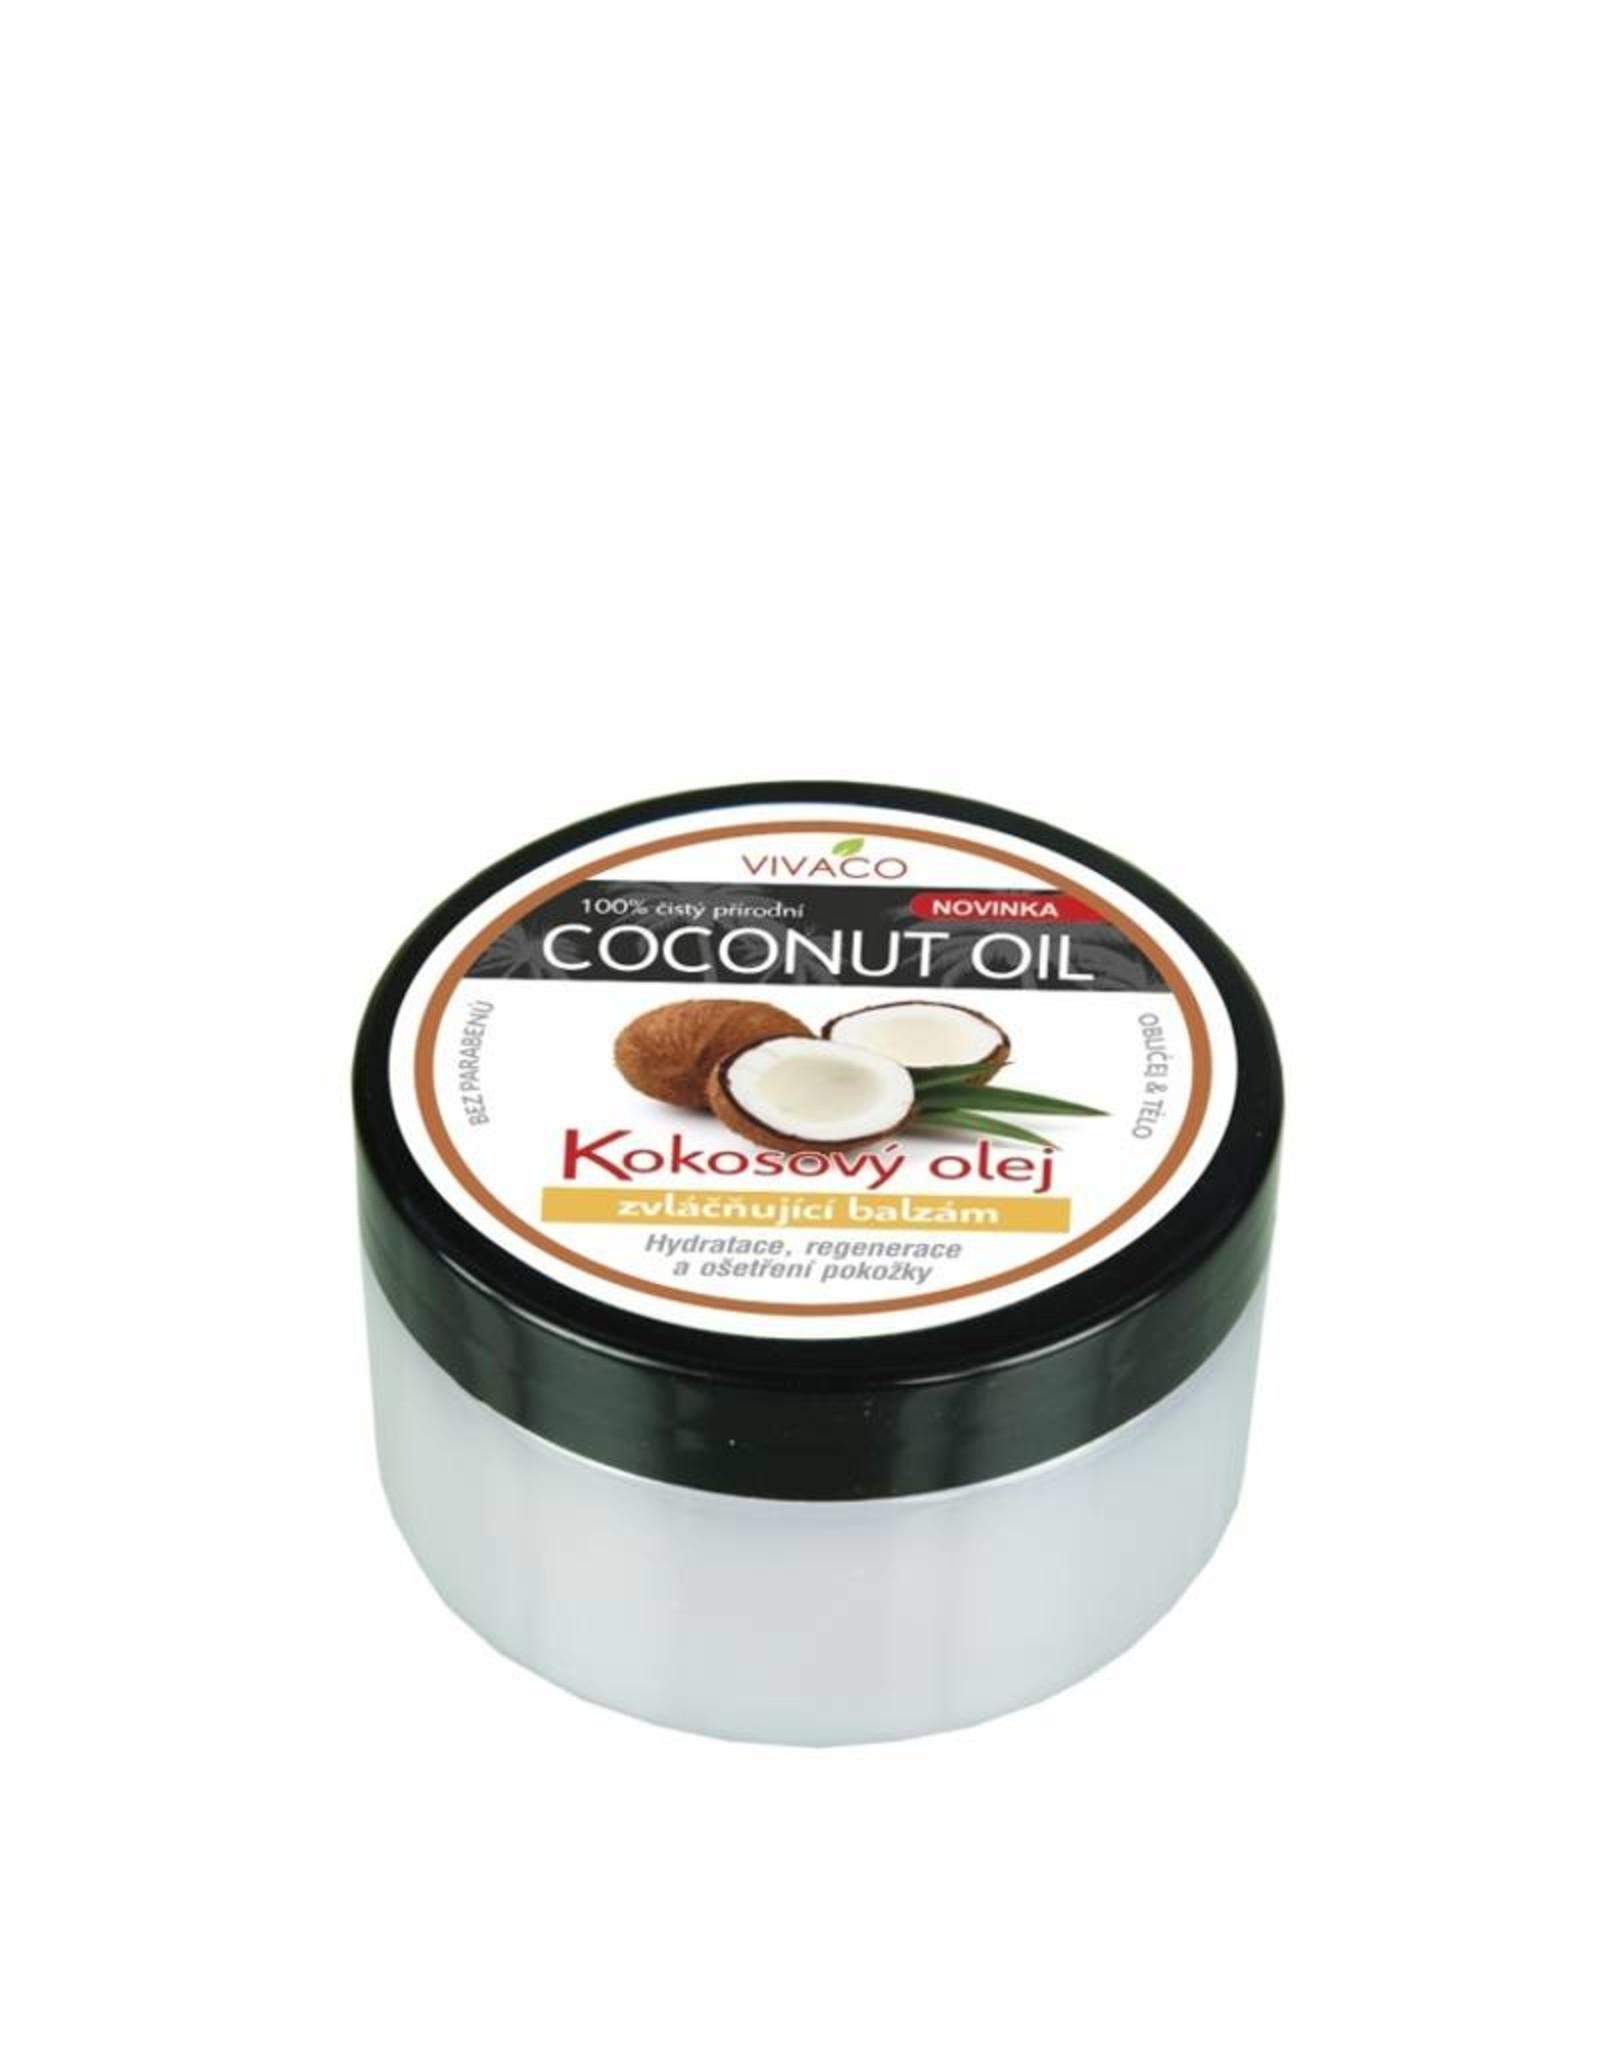 VIVACO Verzachtende Balsem met Kokosolie